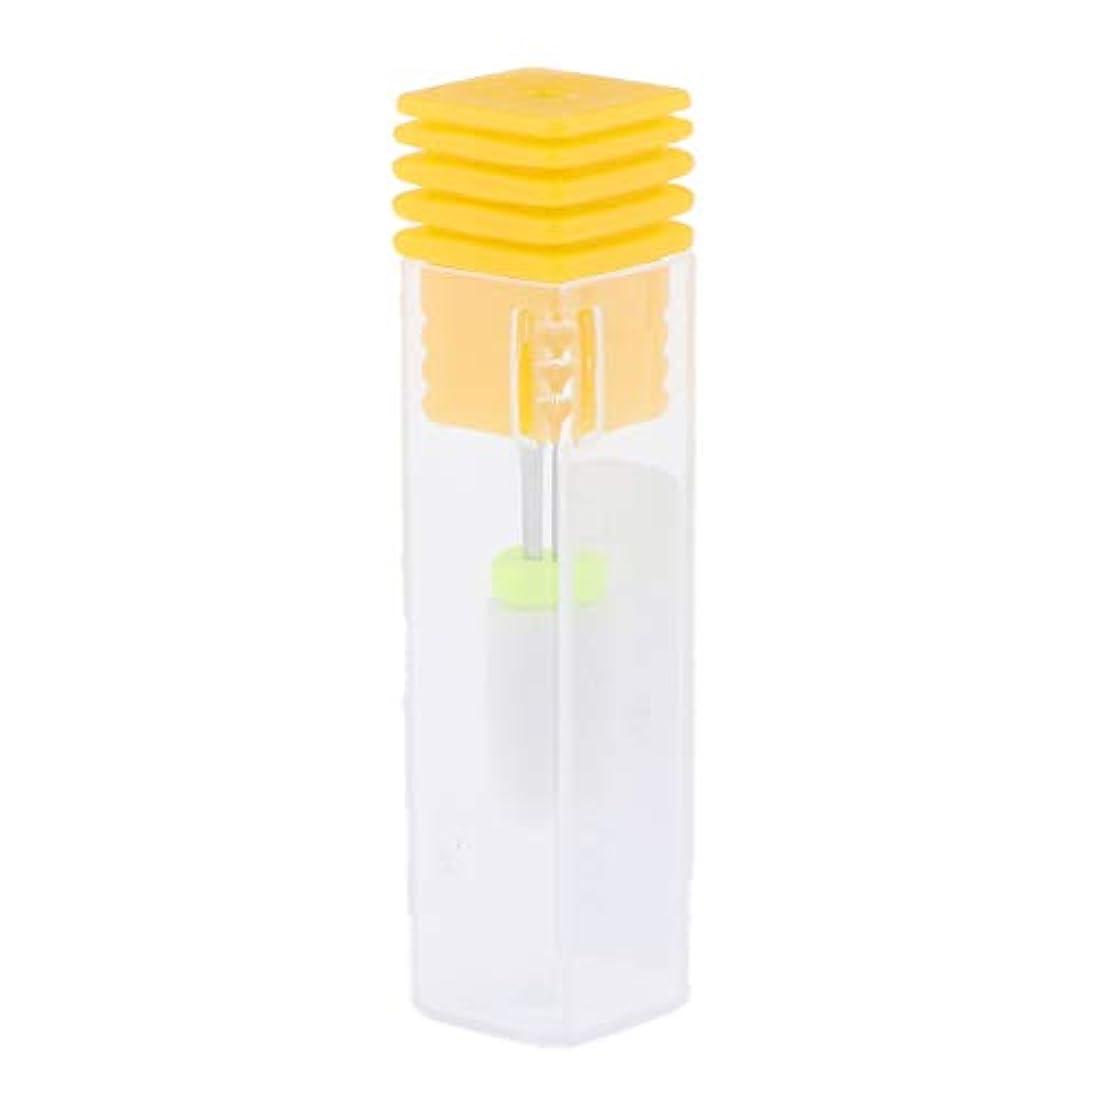 運ぶ目的崇拝するInjoyo ネイルアート研削セラミックポーランドドリルビット電気マニキュア機 - 黄色超微細リッジ